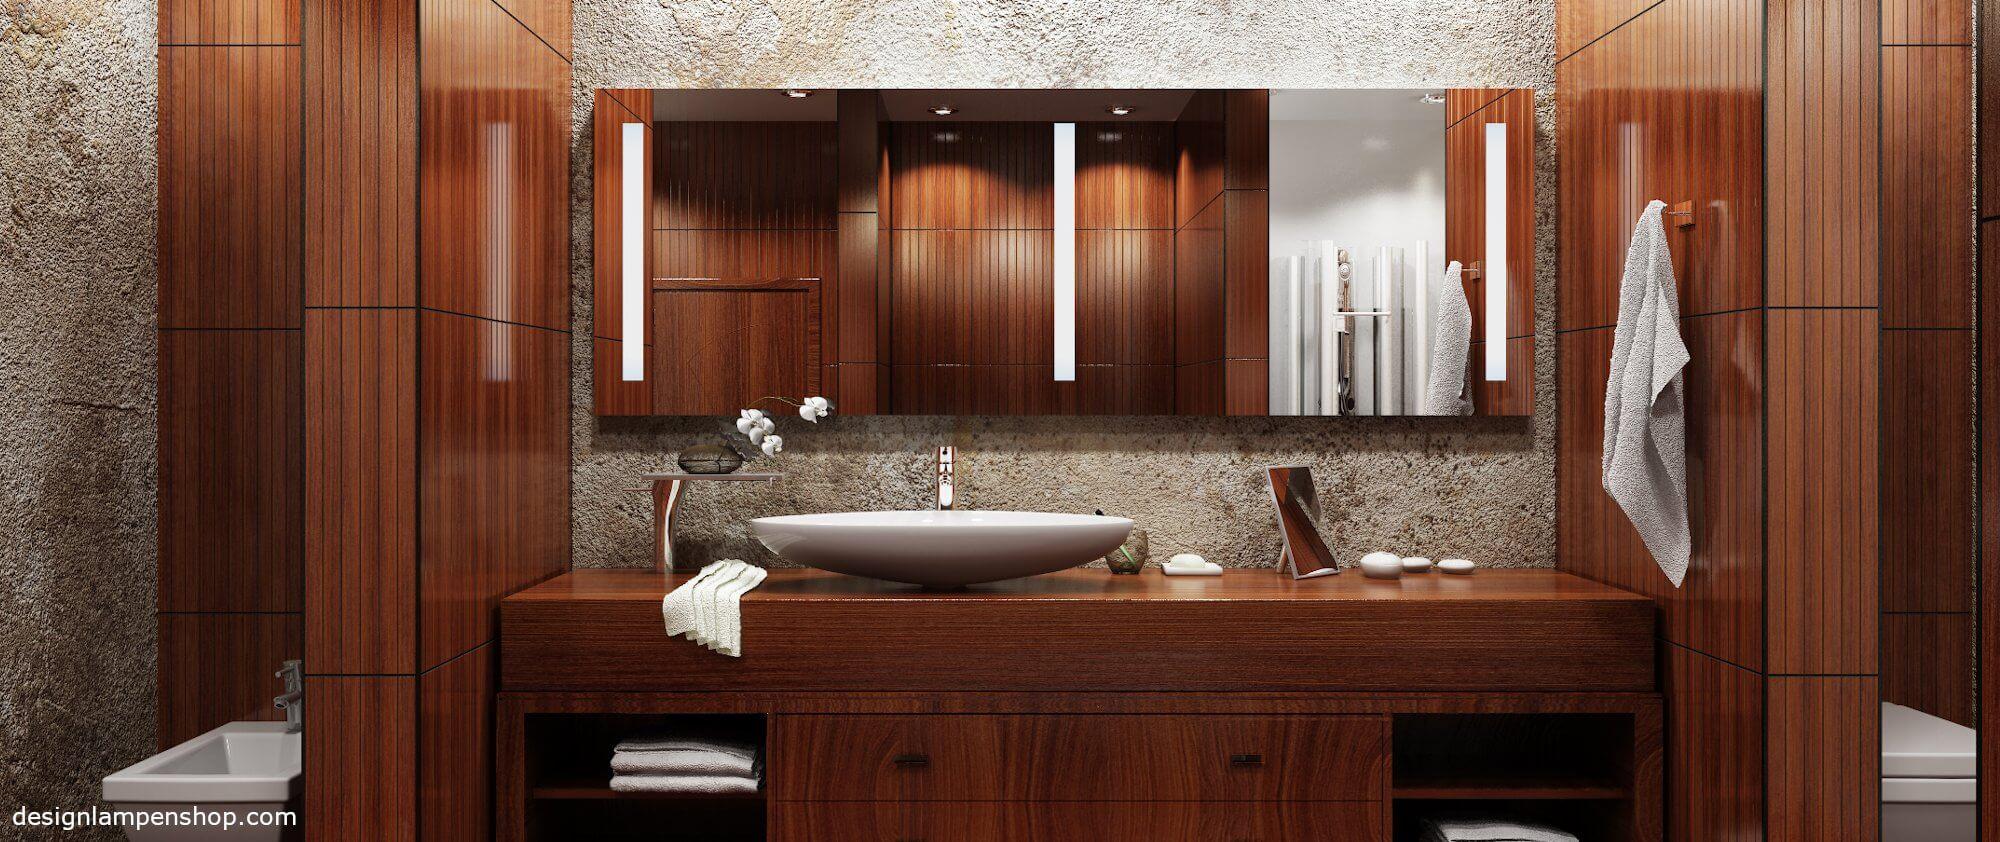 Modernes Bad mit Spiegellampen